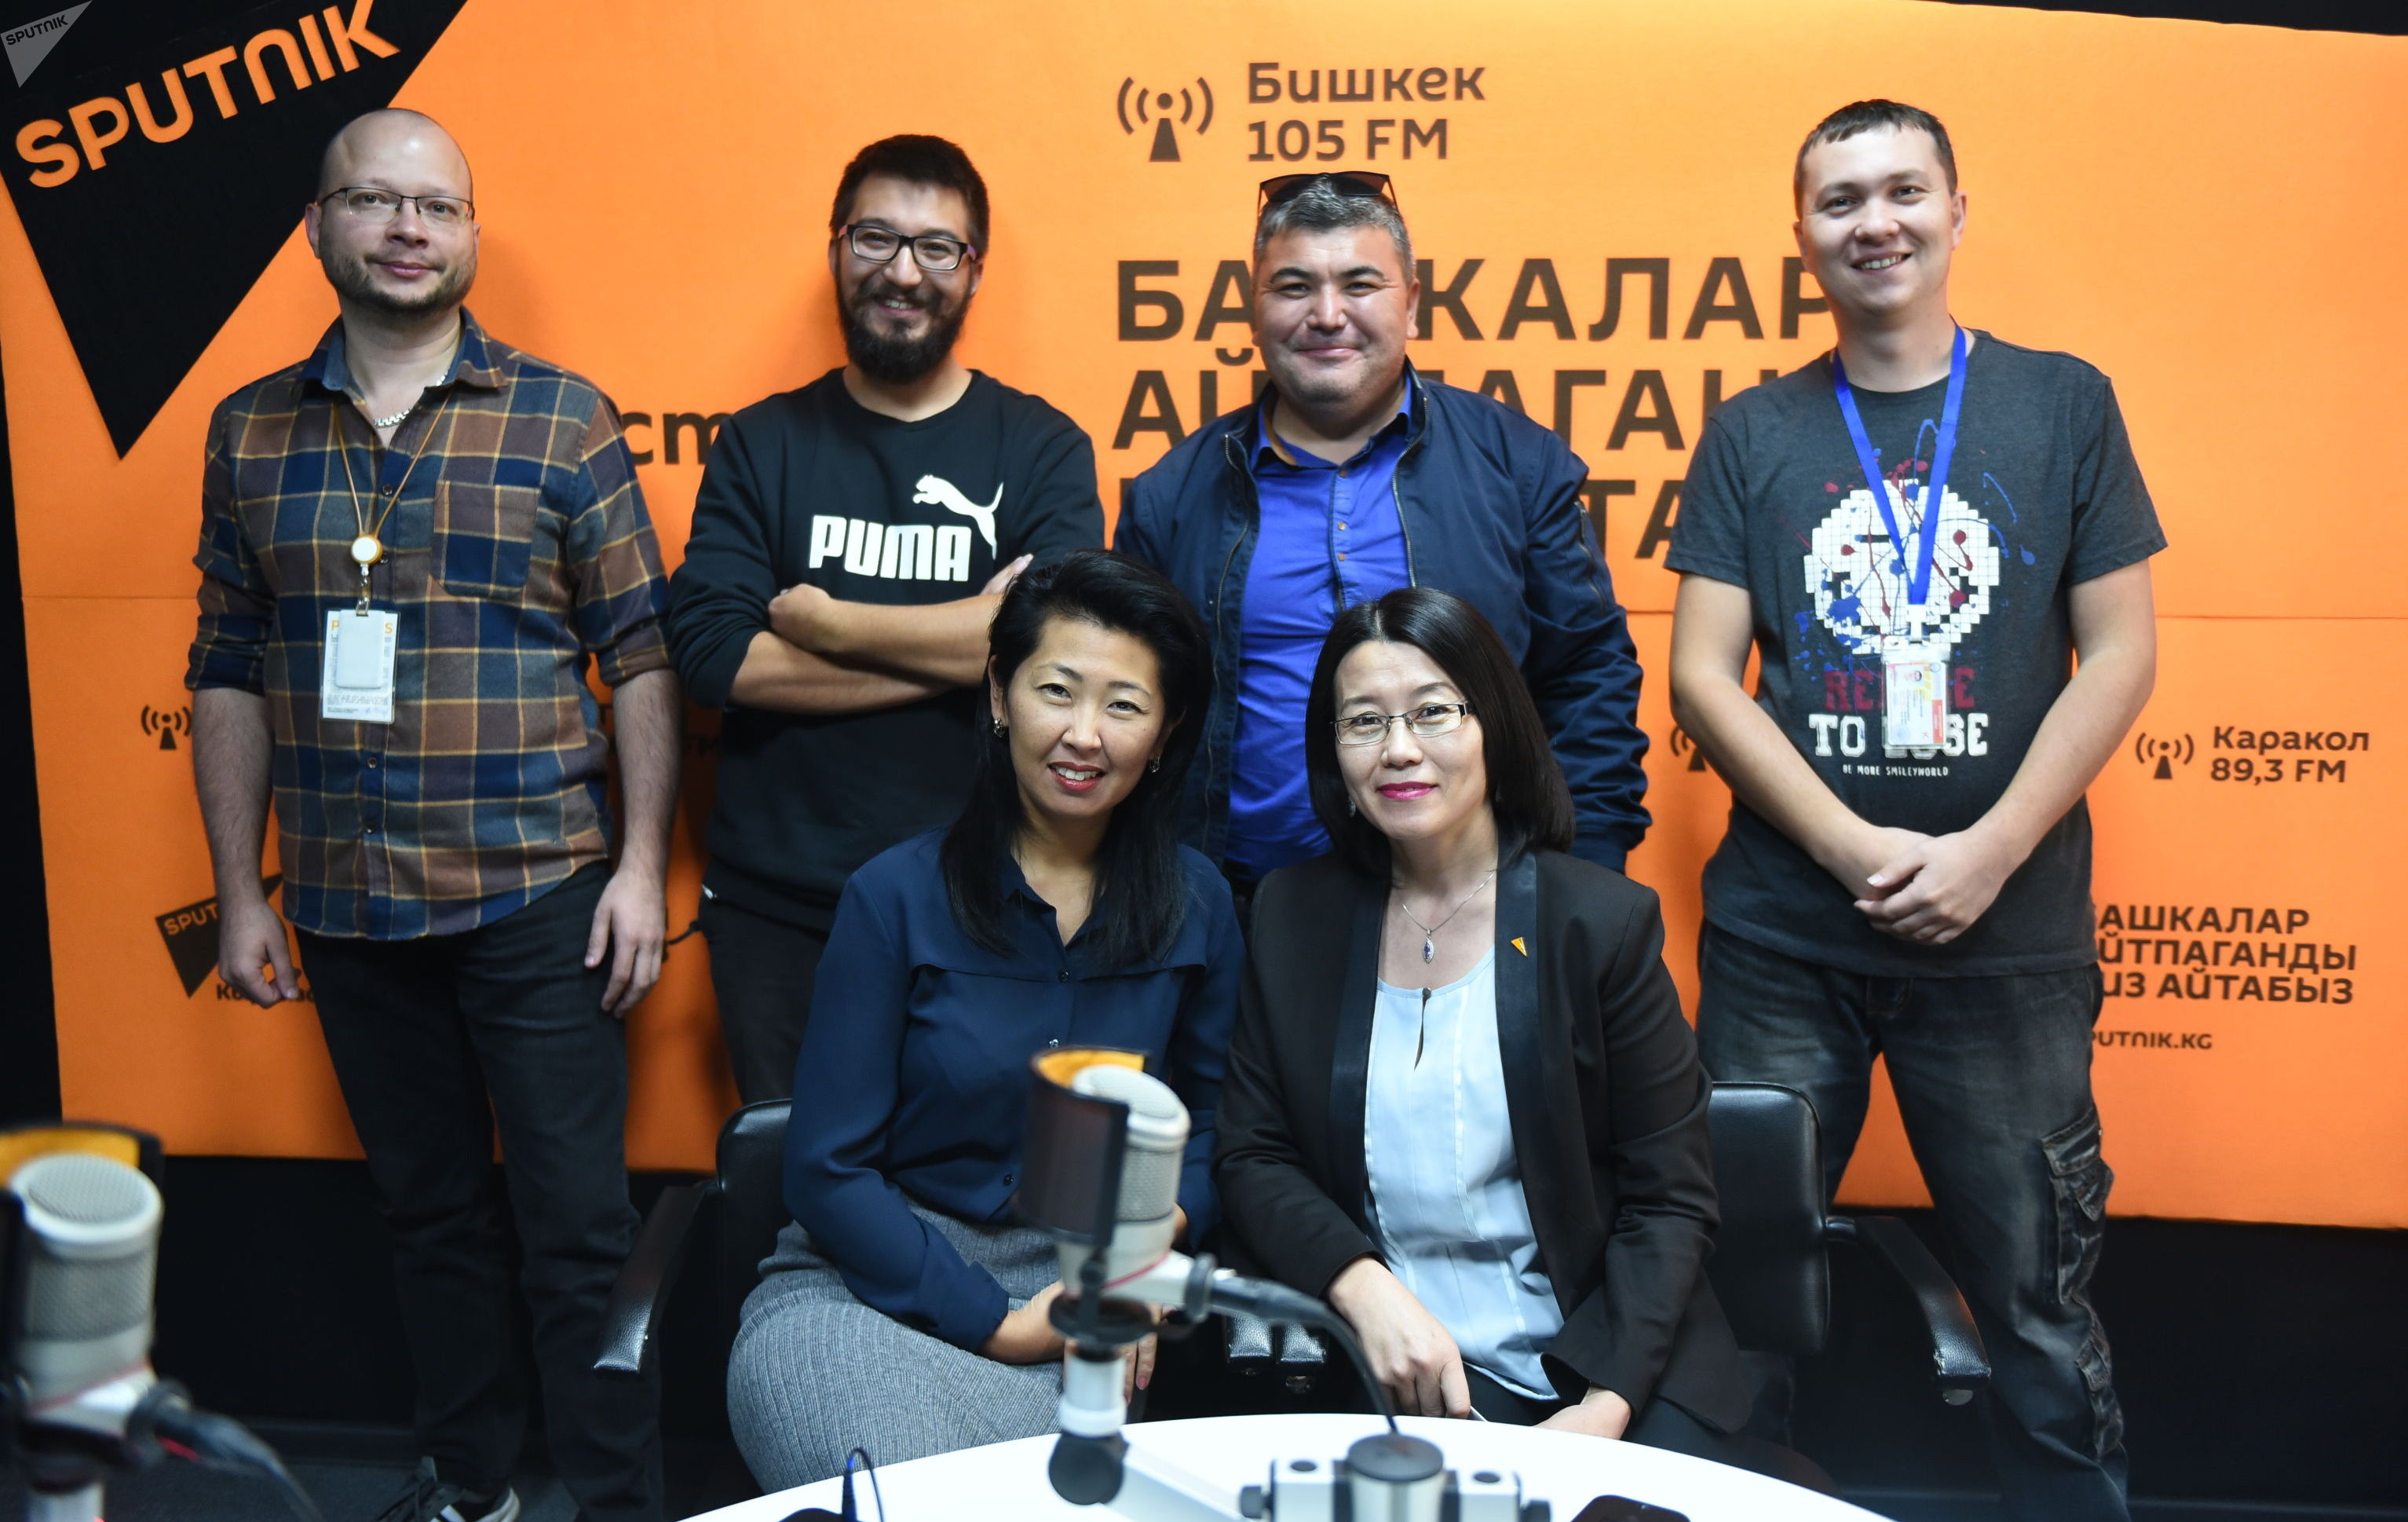 Авторы проекта Сынган кылыч международного информационного агенства Sputnik Кыргызстан